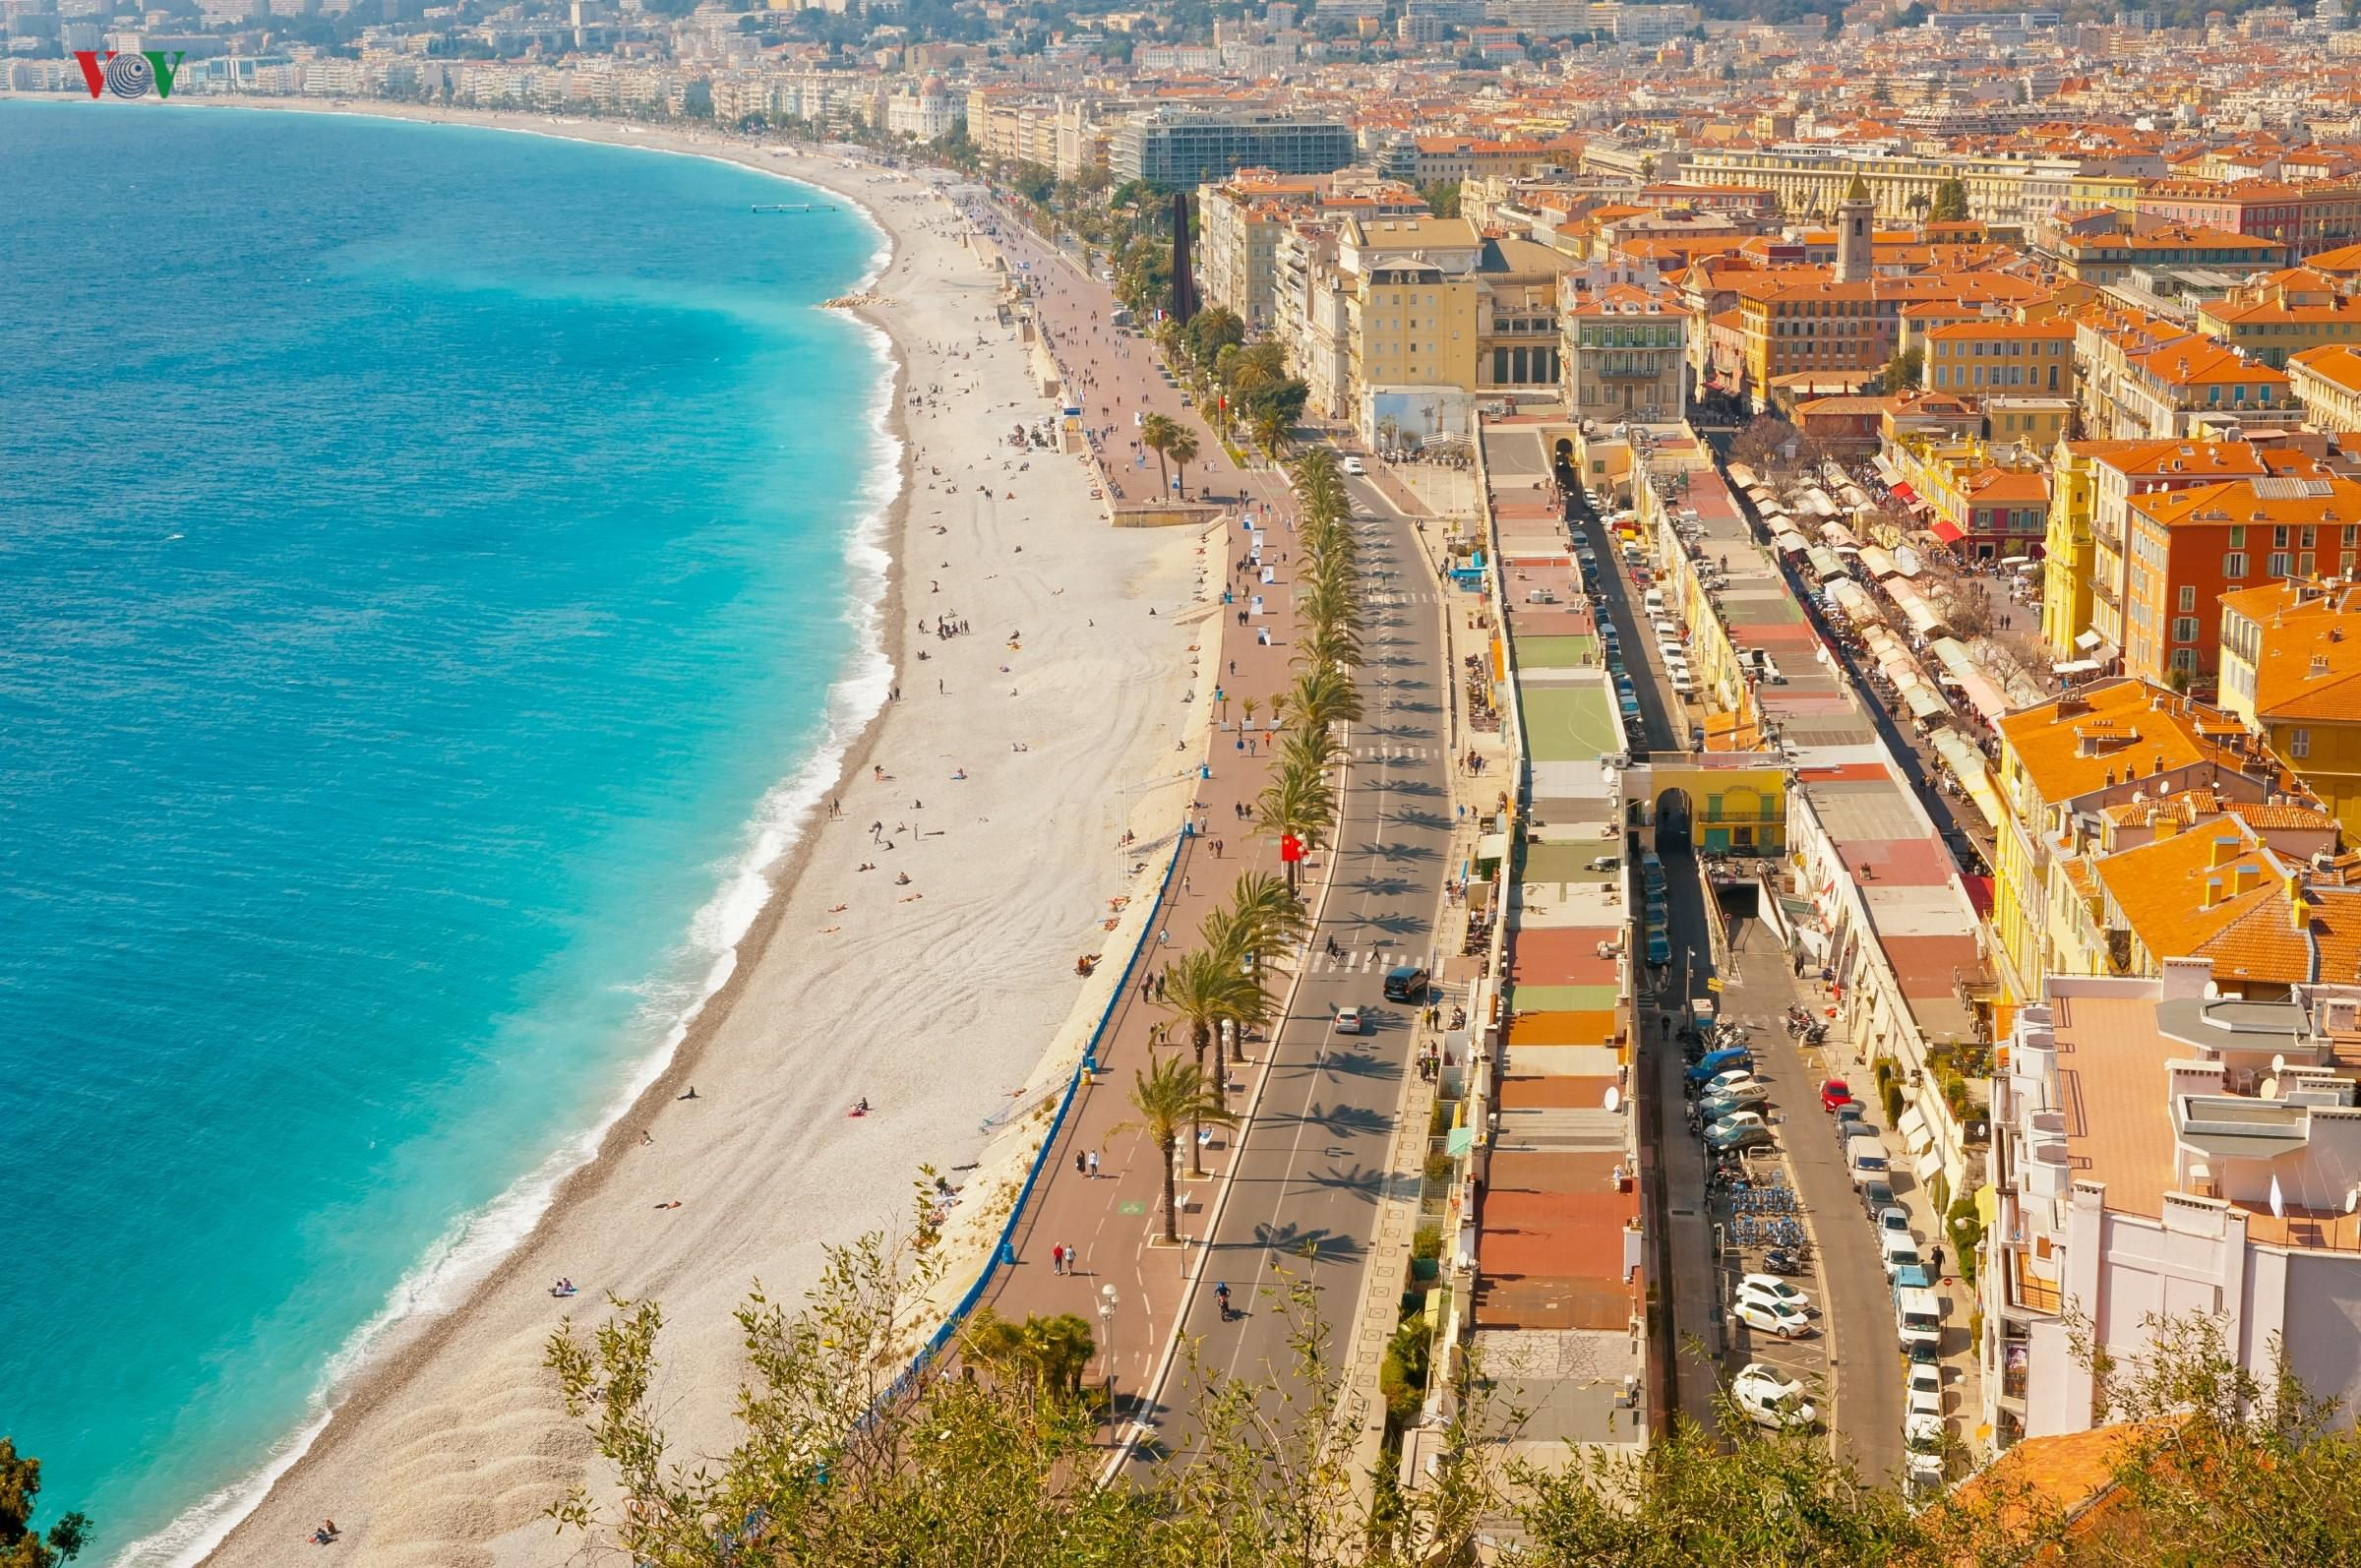 Khám phá Nice - thành phố biển quyến rũ nhất Địa Trung Hải Ảnh 10